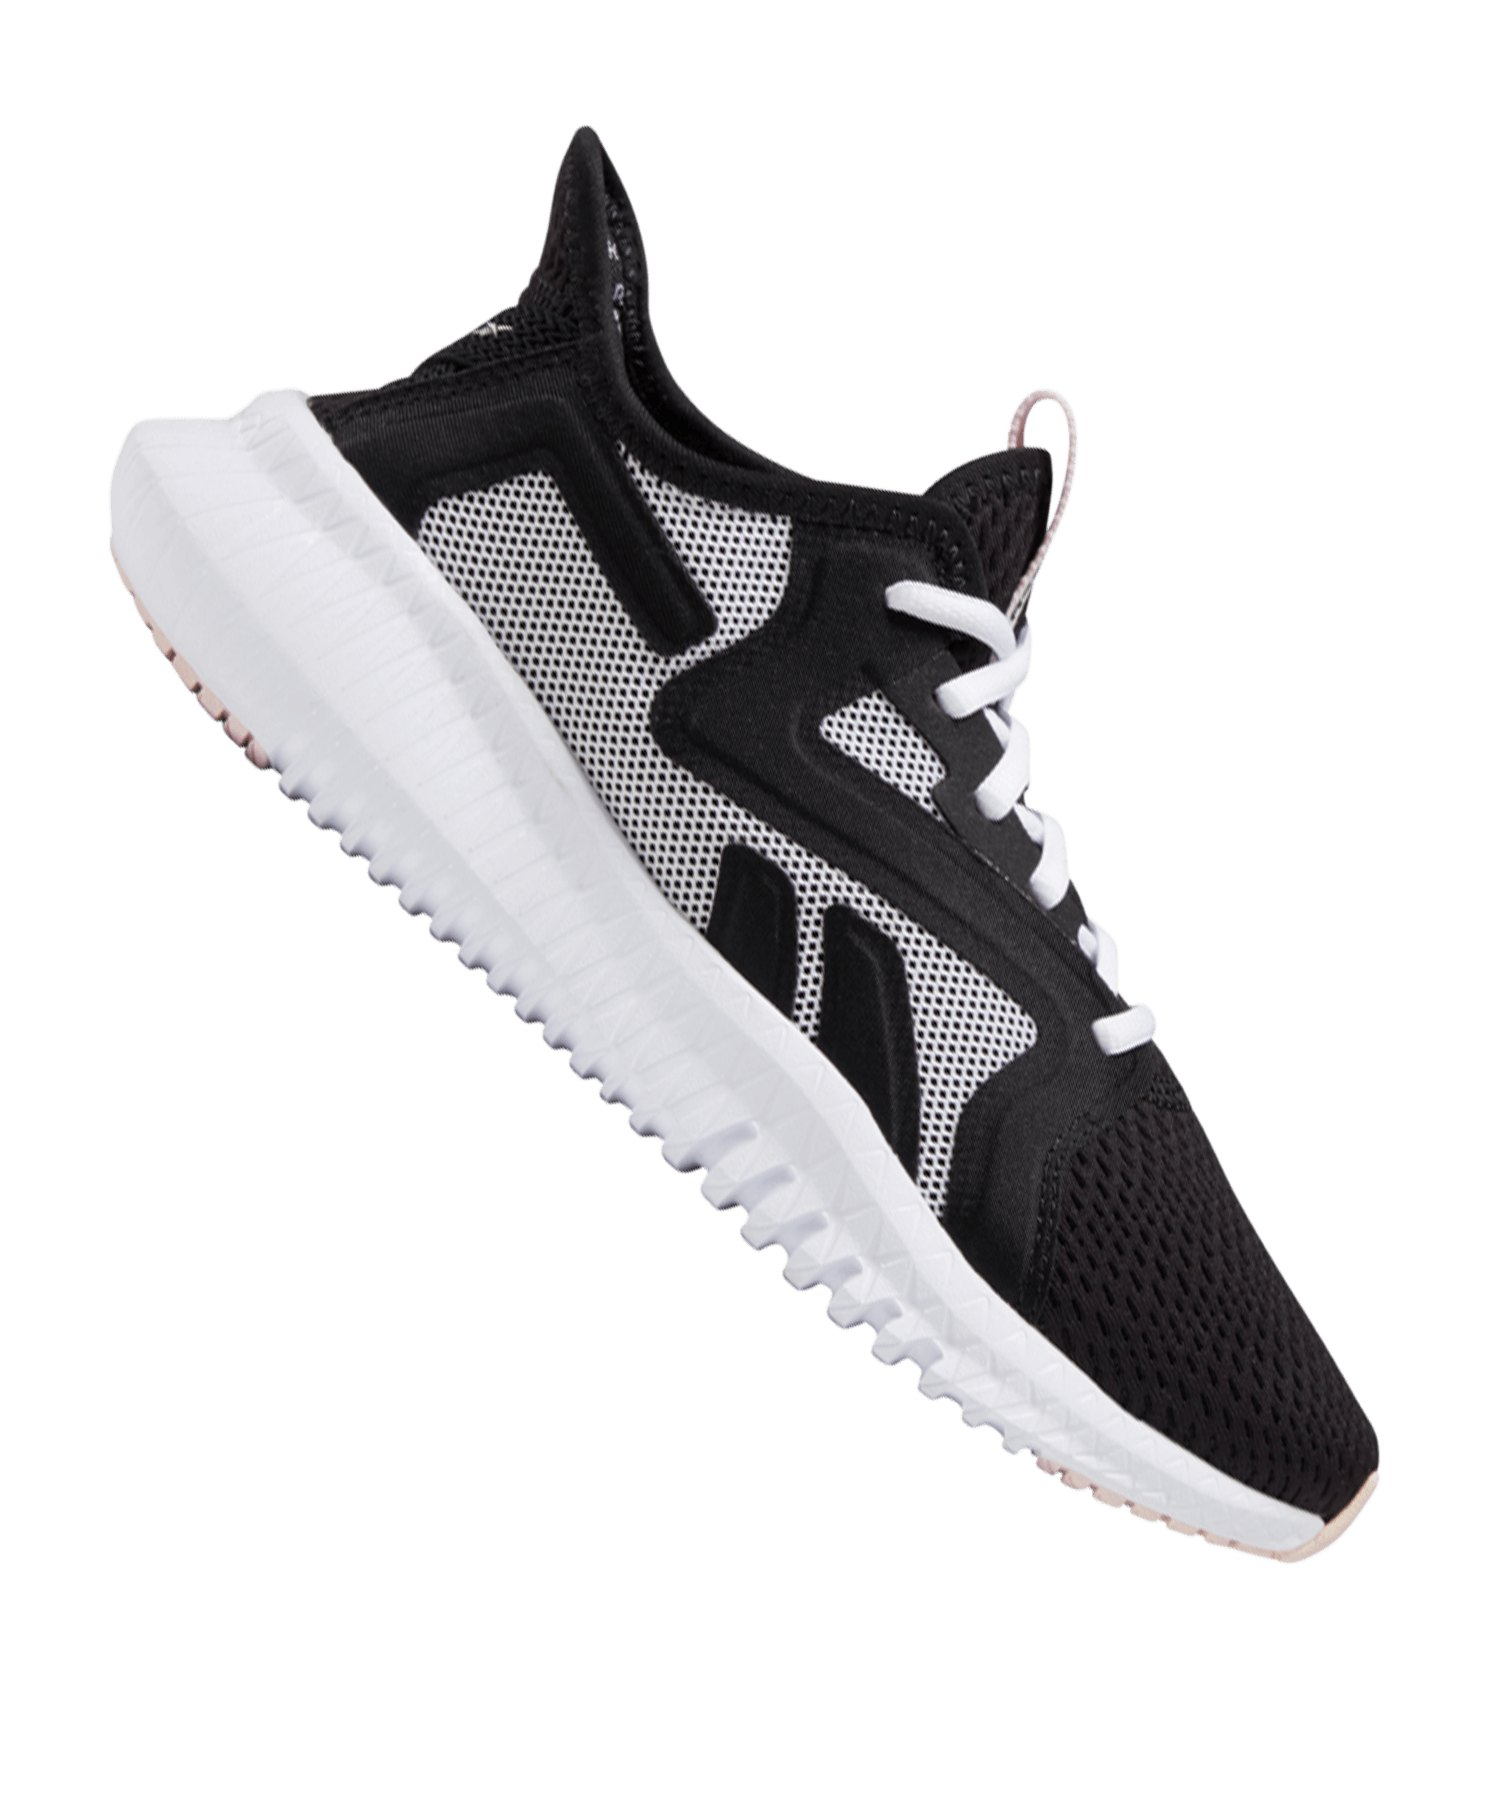 Reebok Flexagon 3.0 Sneaker Damen Schwarz - schwarz